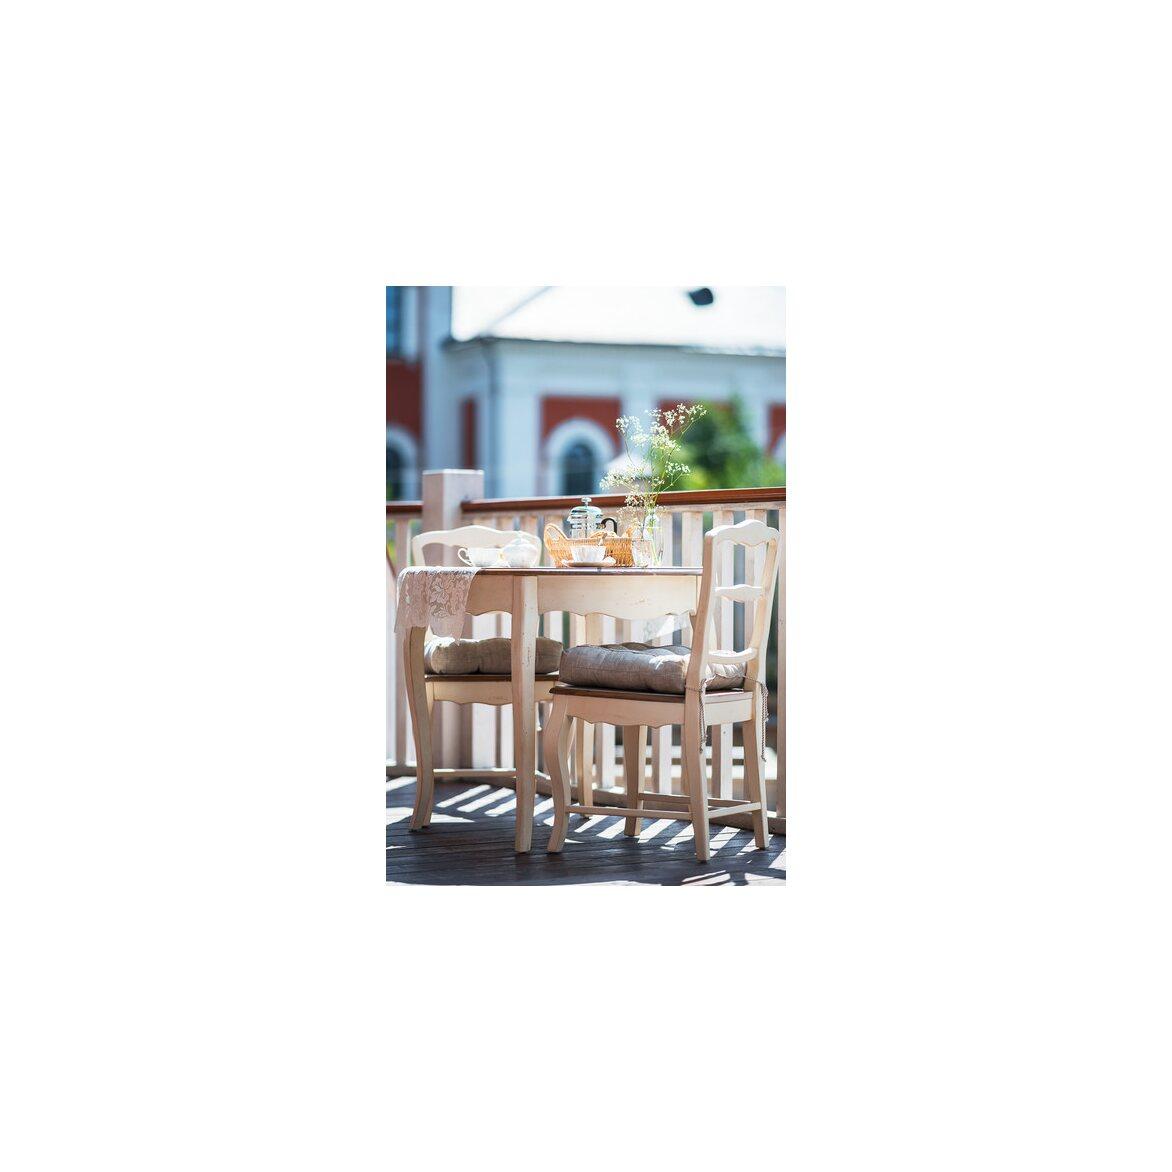 Круглый обеденный стол Leontina (малый), бежевого цвета 2 | Обеденные столы Kingsby